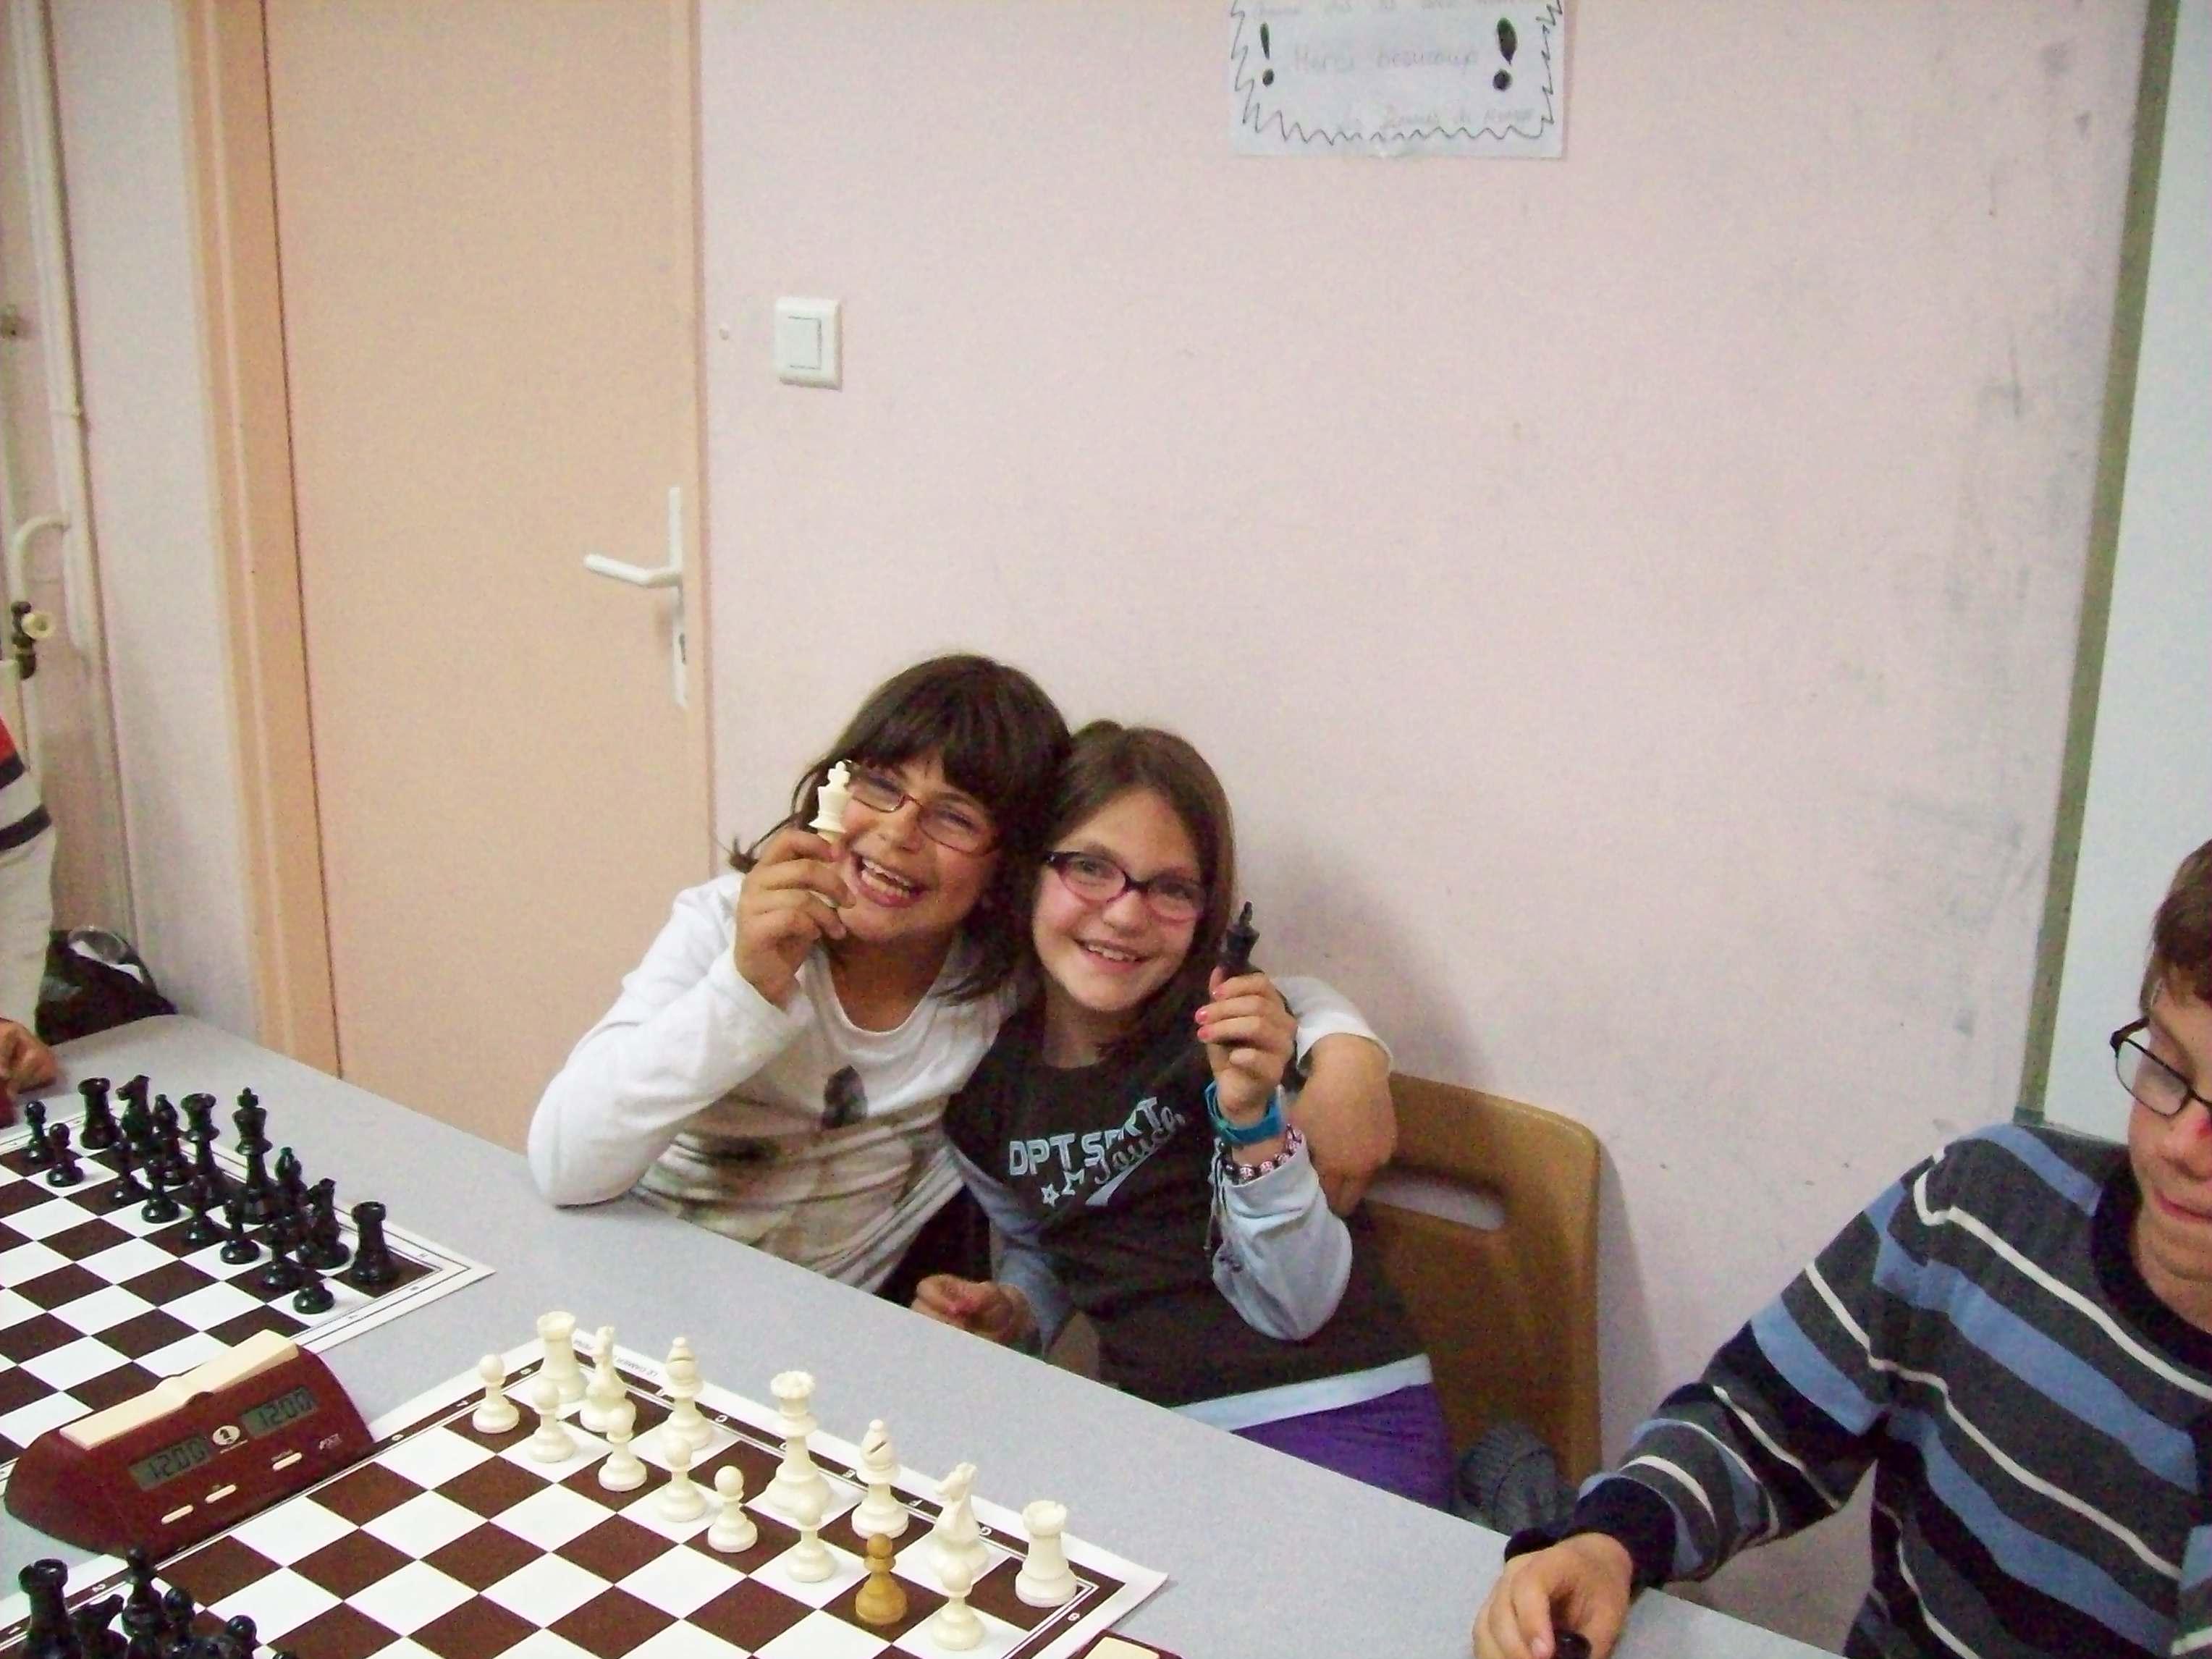 Deux enfants montrent des pièces de jeu d'échecs